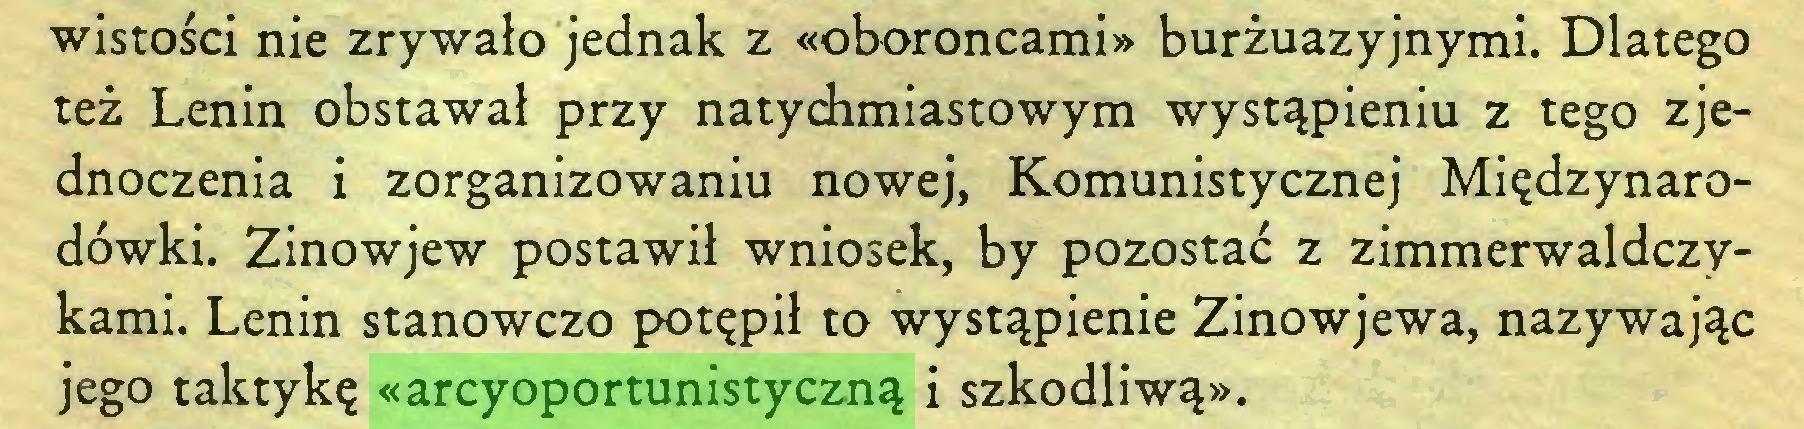 (...) wistości nie zrywało jednak z «oboroncami» burżuazyjnymi. Dlatego też Lenin obstawał przy natychmiastowym wystąpieniu z tego zjednoczenia i zorganizowaniu nowej, Komunistycznej Międzynarodówki. Zinowjew postawił wniosek, by pozostać z zimmerwaldczykami. Lenin stanowczo potępił to wystąpienie Zinowjewa, nazywając jego taktykę «arcyoportunistyczną i szkodliwą»...